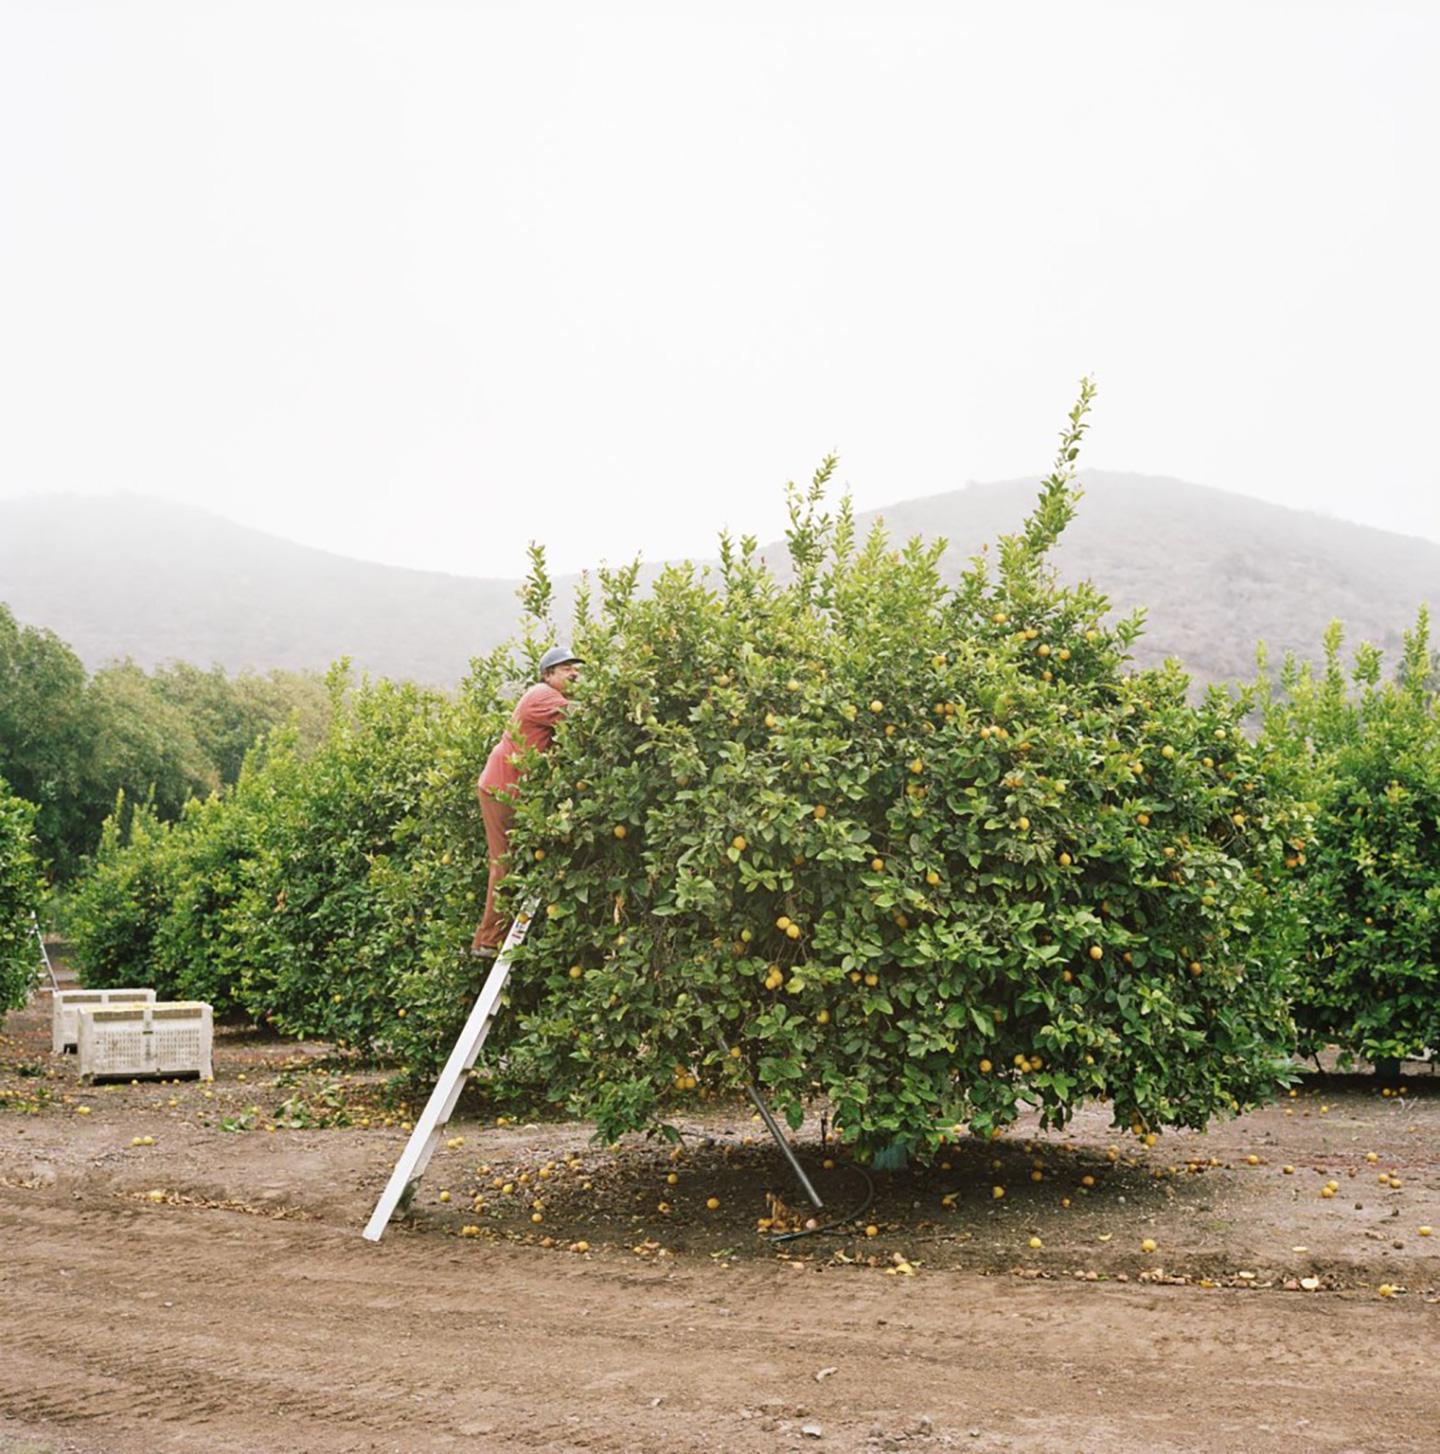 Tom Mayhew's lemon farm